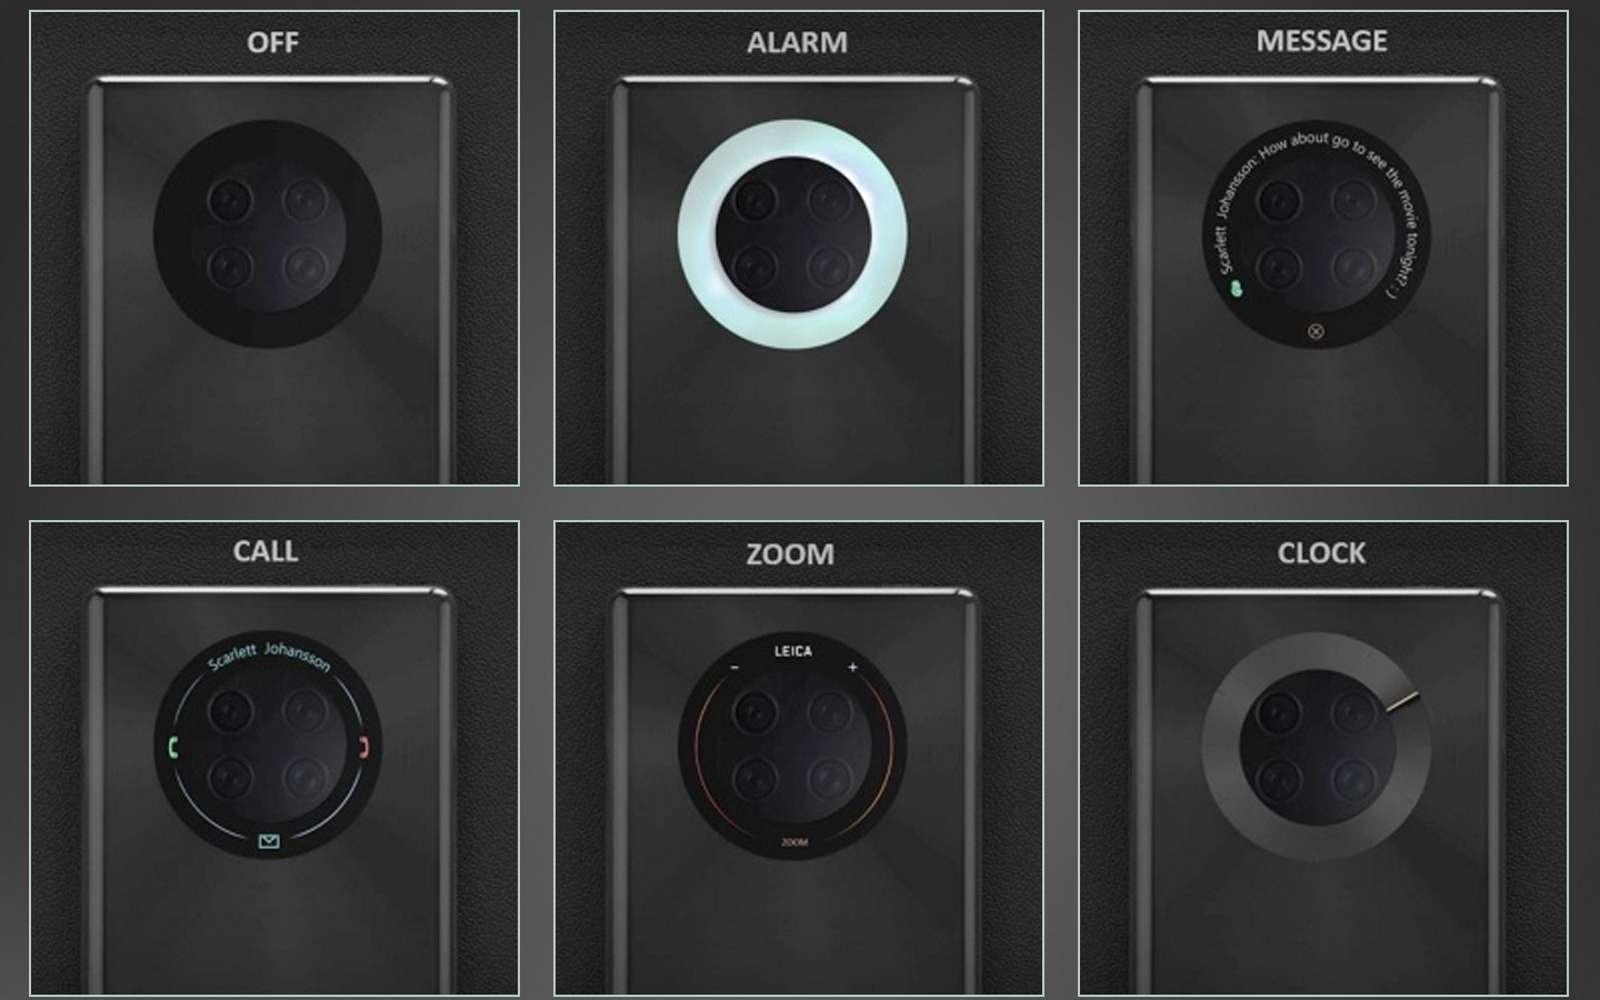 Le prochain smartphone de Huawei pourrait arborer un écran tactile autour de l'appareil photo. © Huawei